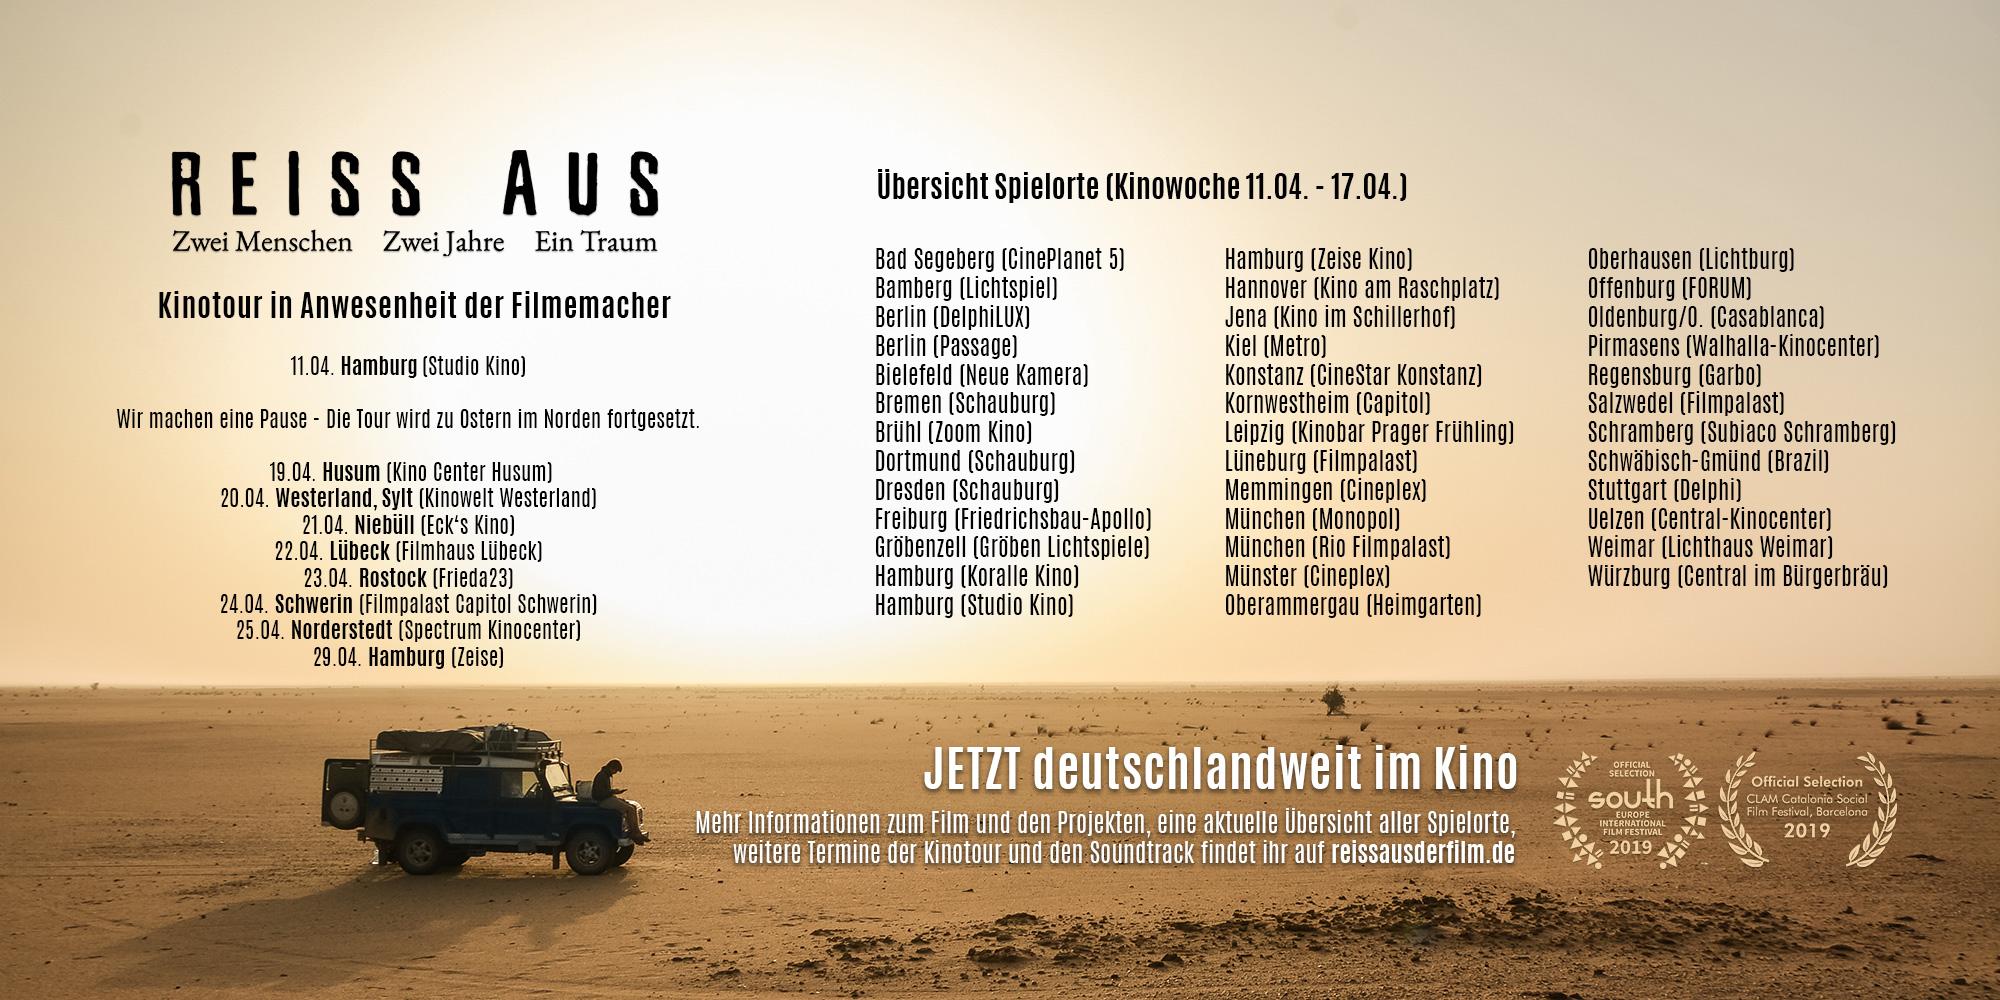 REISS AUS Spielorte Kinowoche 5 (11.04. - 17.04.)